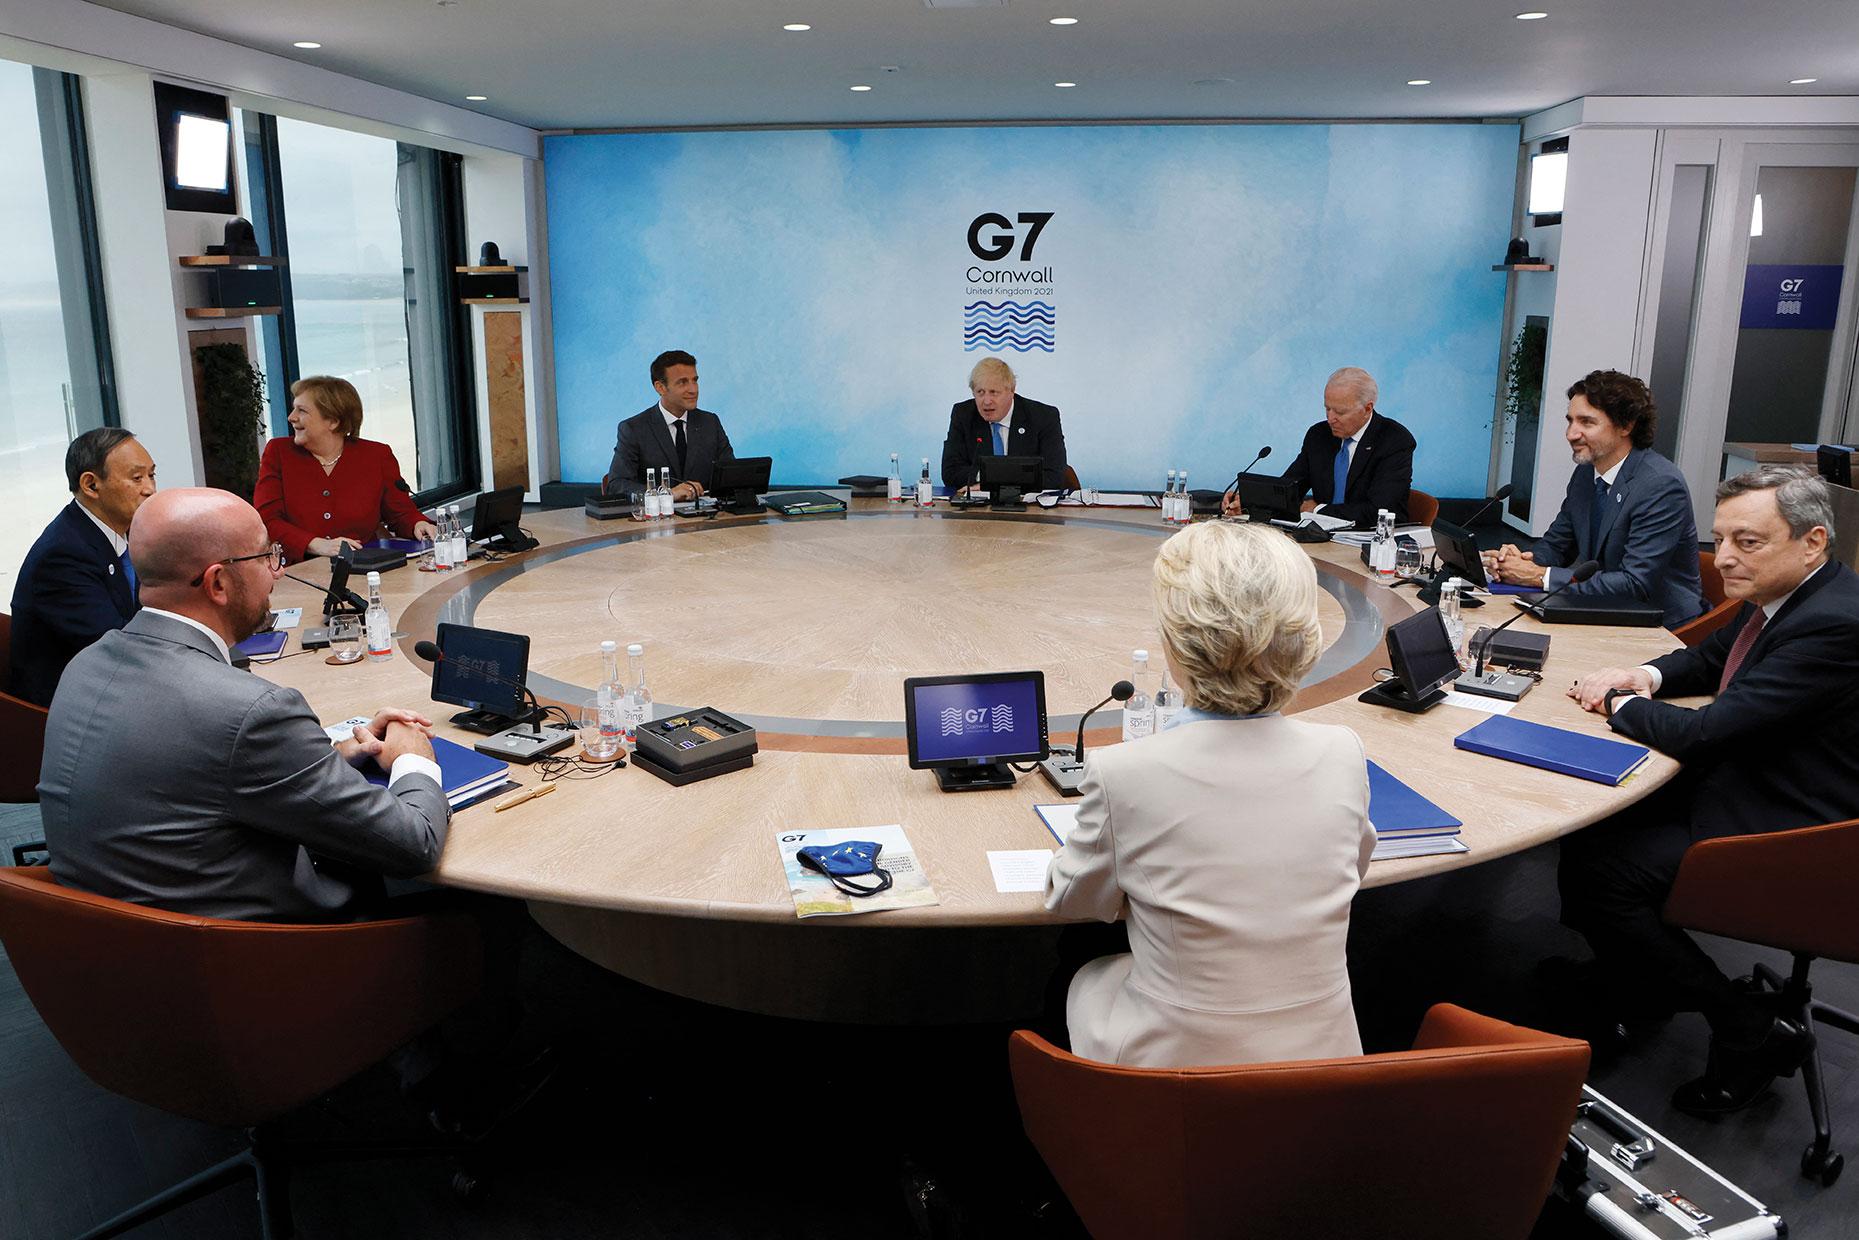 Carbis Bay: Vaccins et climat au menu de la première journée du G7